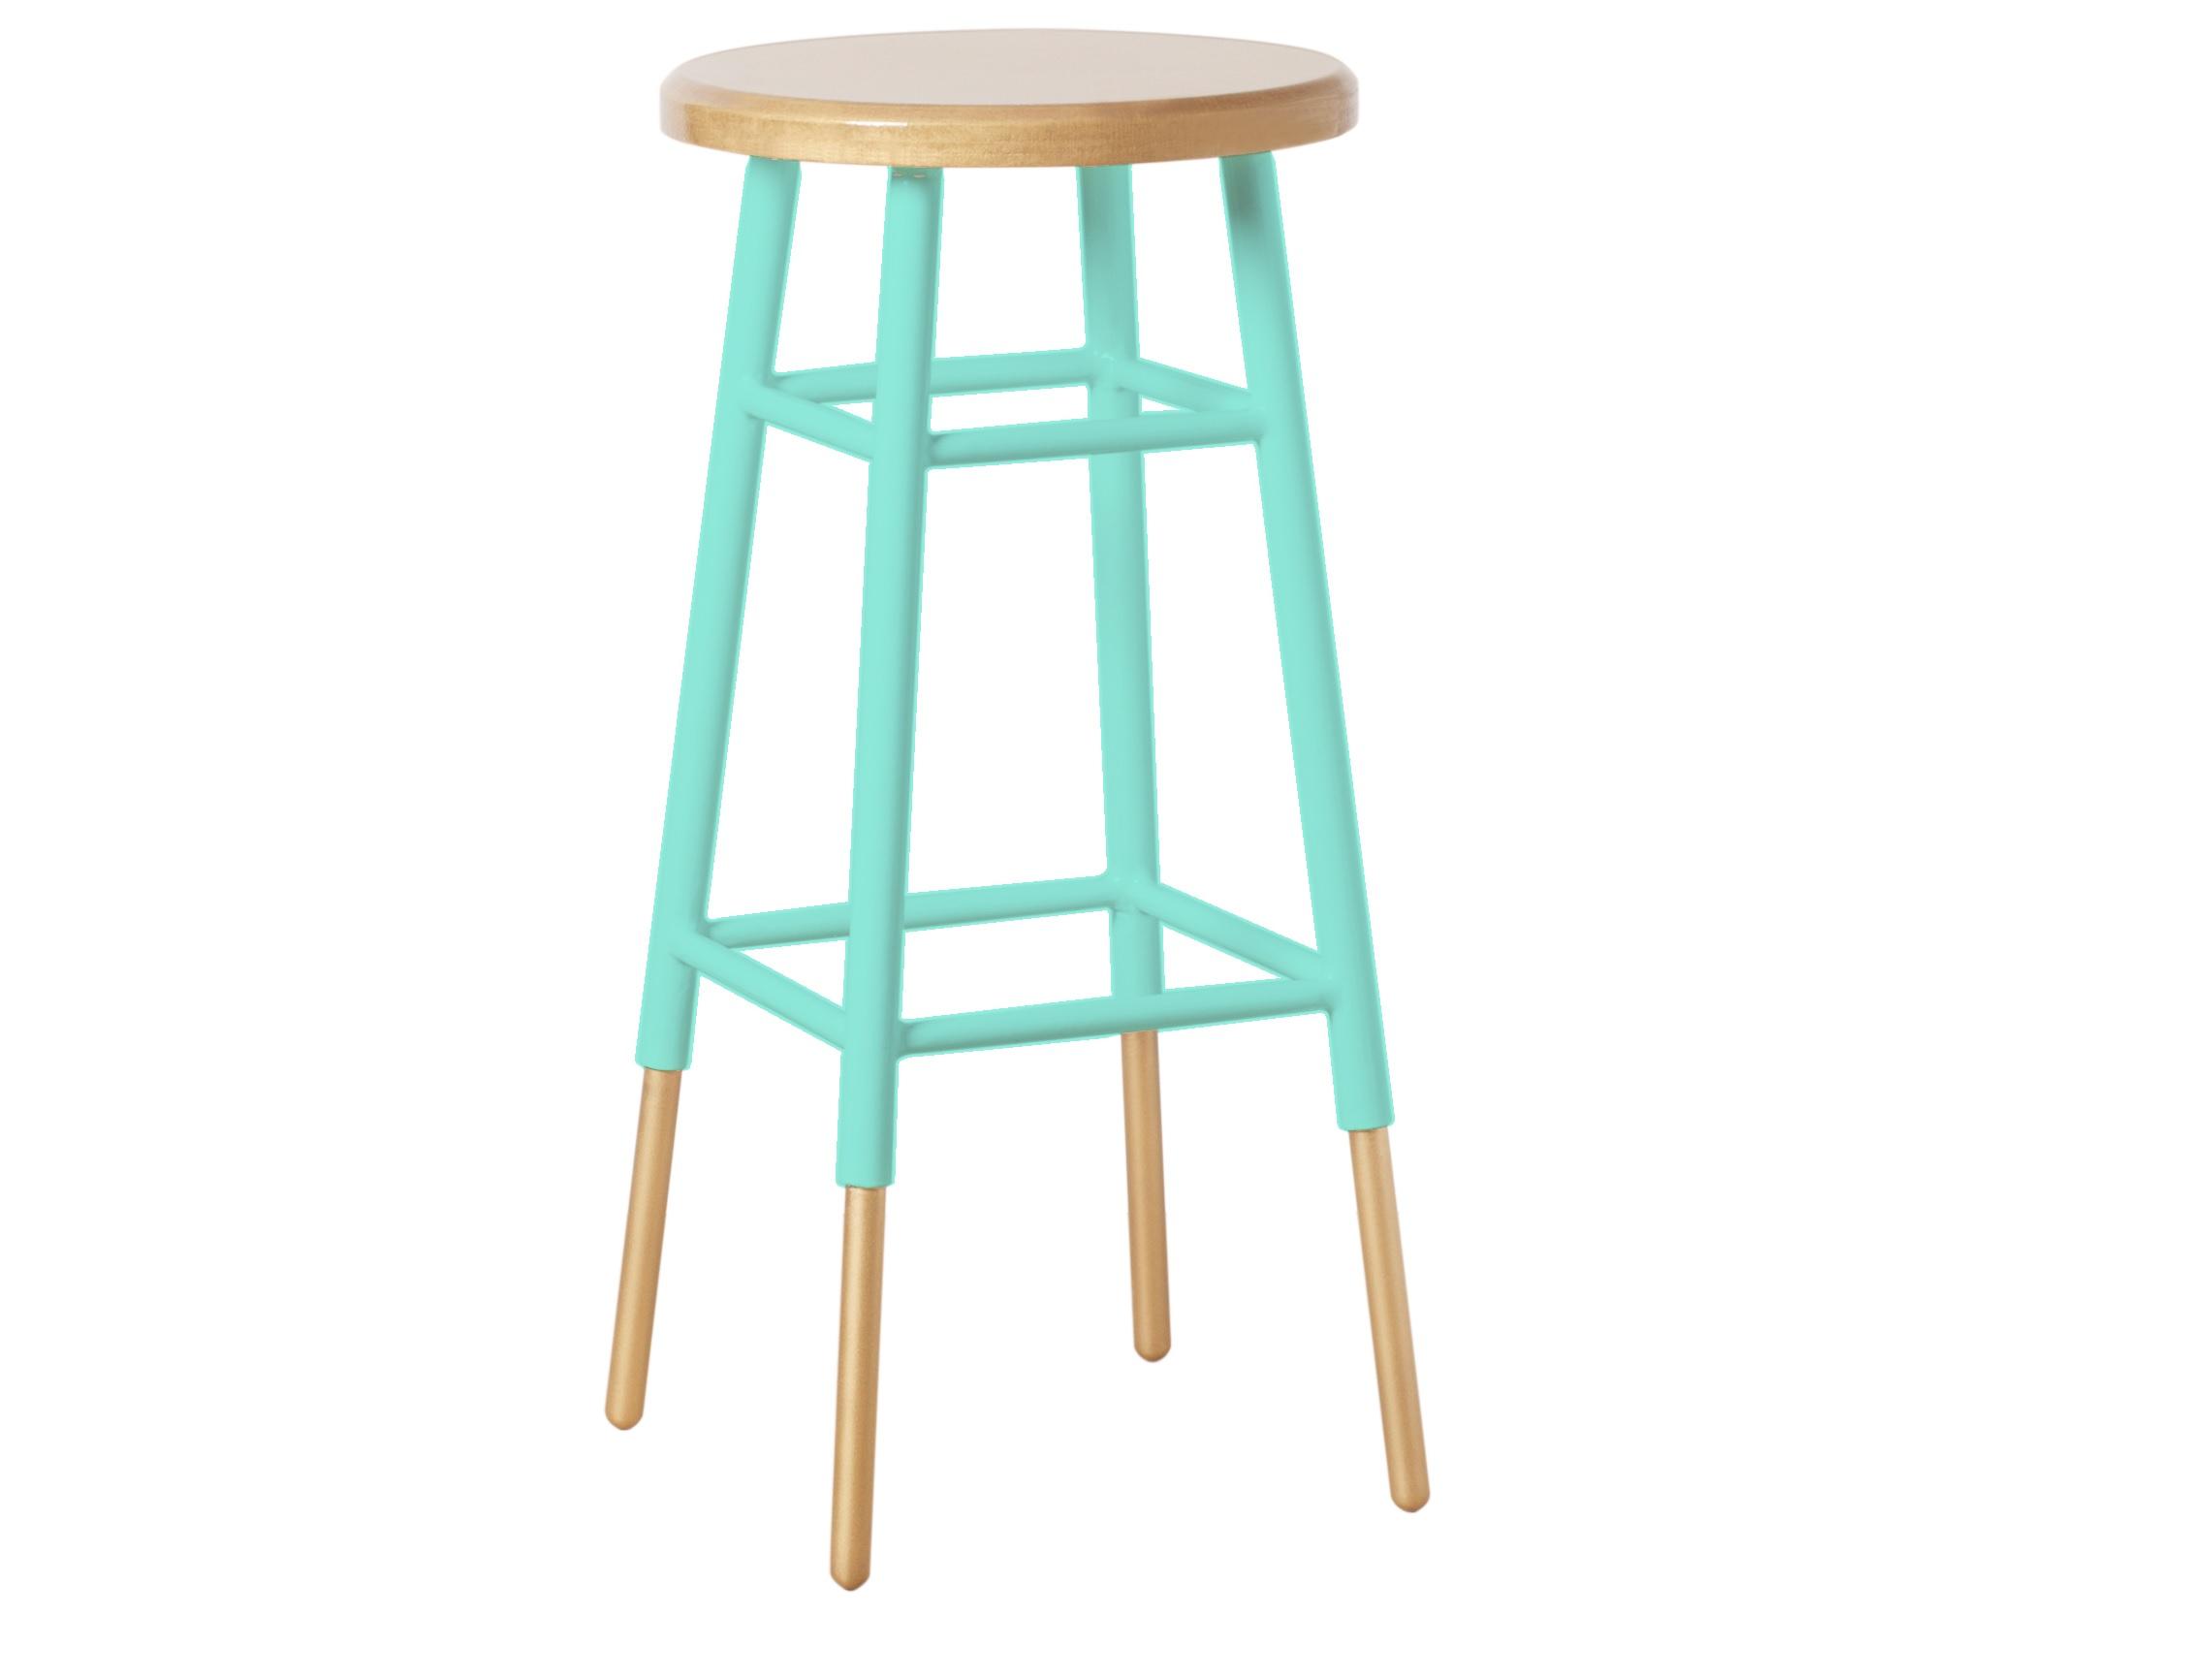 Барный стулБарные стулья<br>Барный металлический стул золотого цвета. Ножки частично окрашены в мятный цвет. Он станет важным стилистическим акцентом в интерьере кухни в стиле fashion или эклектика. Произведено в России. Металлические детали обработаны порошковой покраской методом напыления. Эта технология обеспечивает высокое качество поверхности металла и способна придать красивый оттенок золотому покрытию.<br><br>Material: Металл<br>Length см: None<br>Width см: None<br>Depth см: None<br>Height см: 75<br>Diameter см: 34